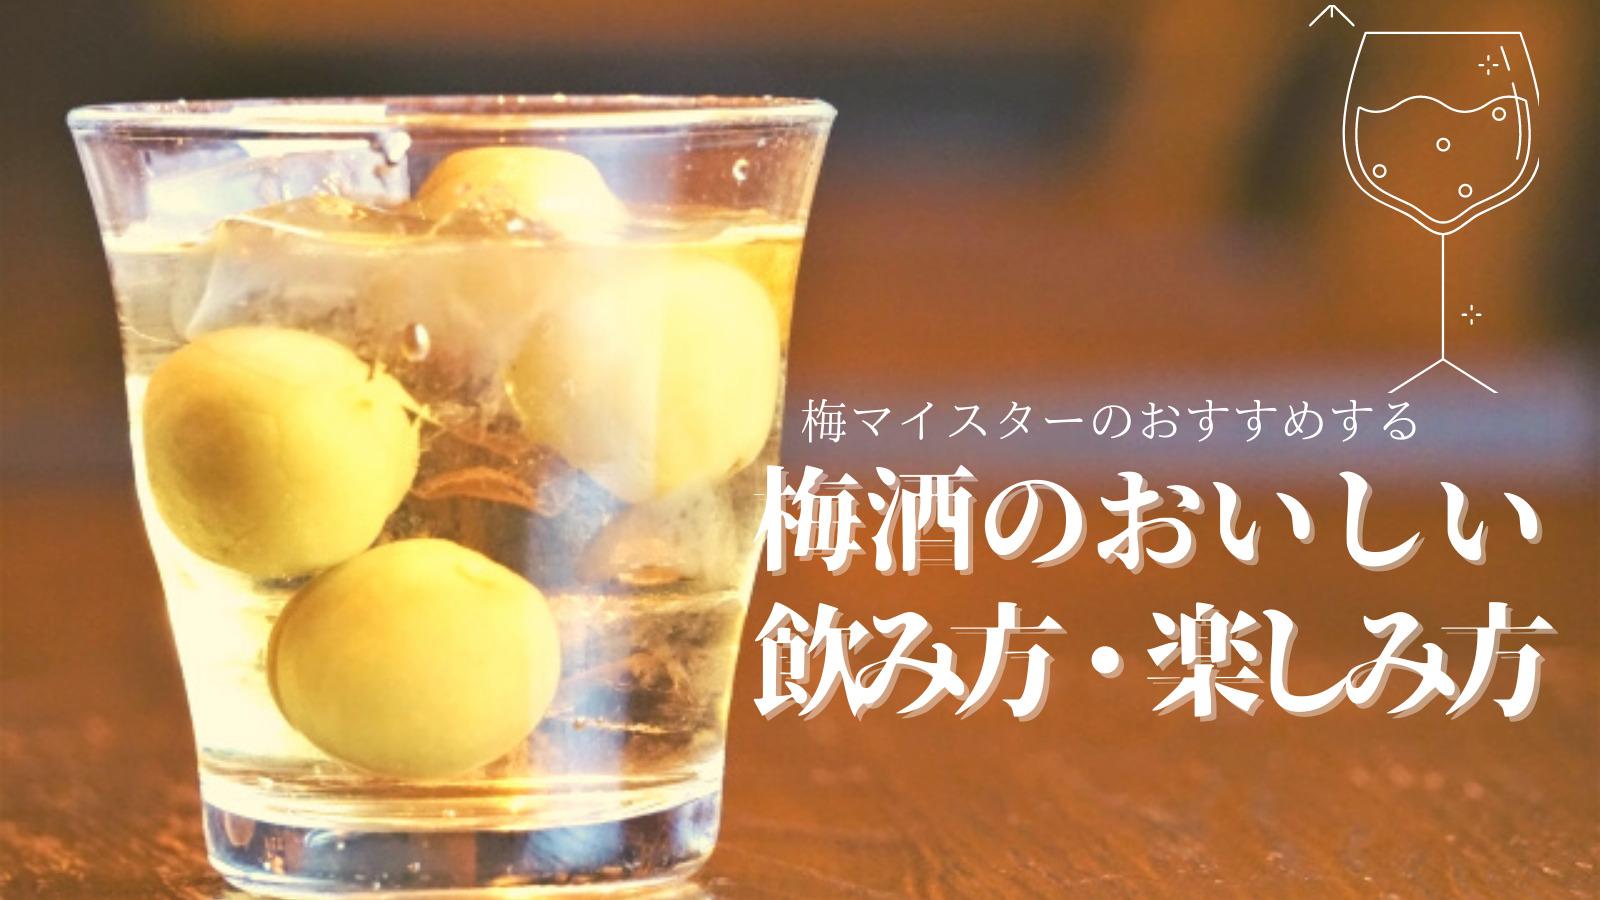 梅マイスターのおすすめする 梅酒のおいしい飲み方・楽しみ方10選